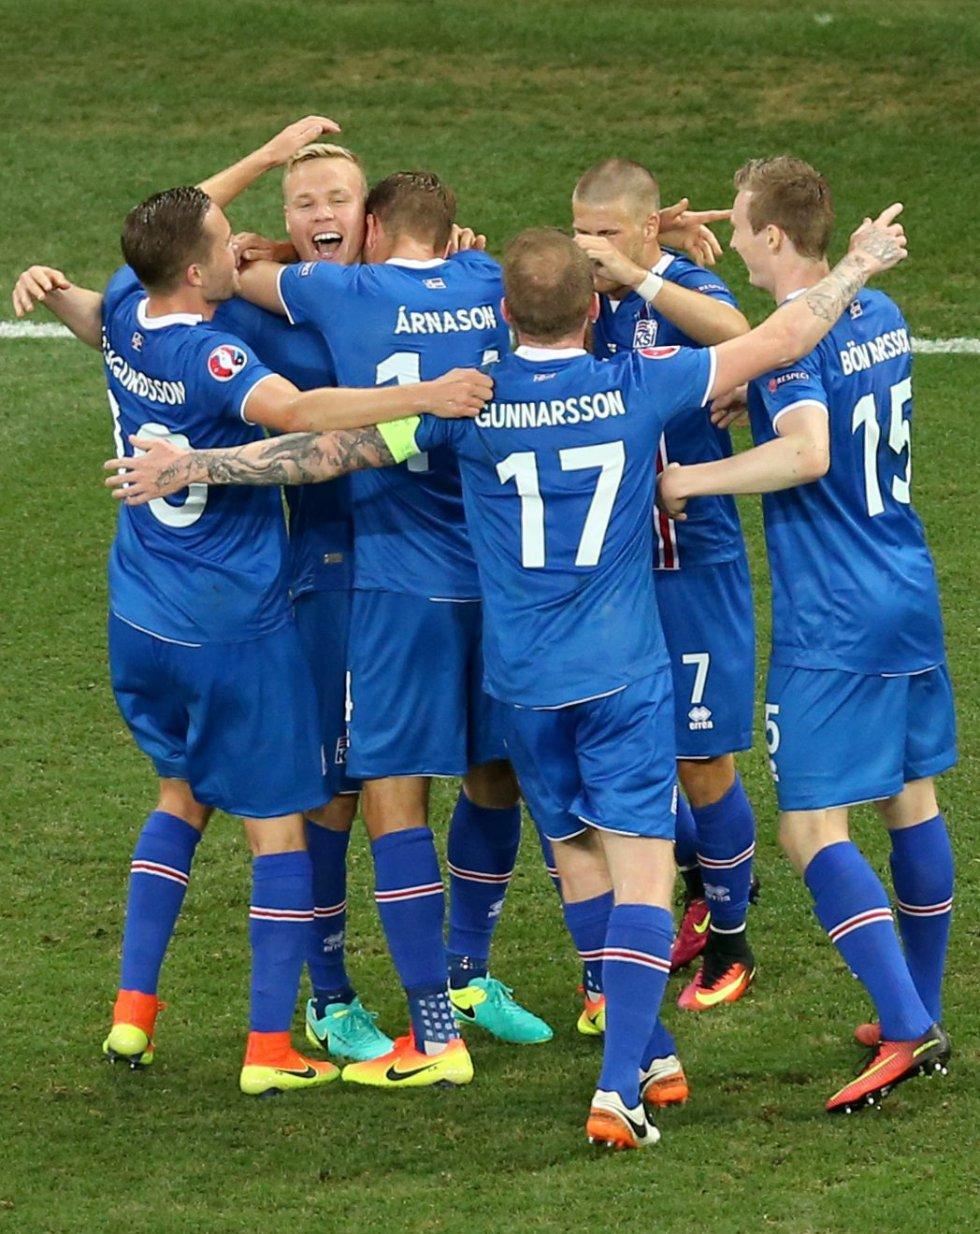 Sigþórsson anotó el segundo gol para Islandia.